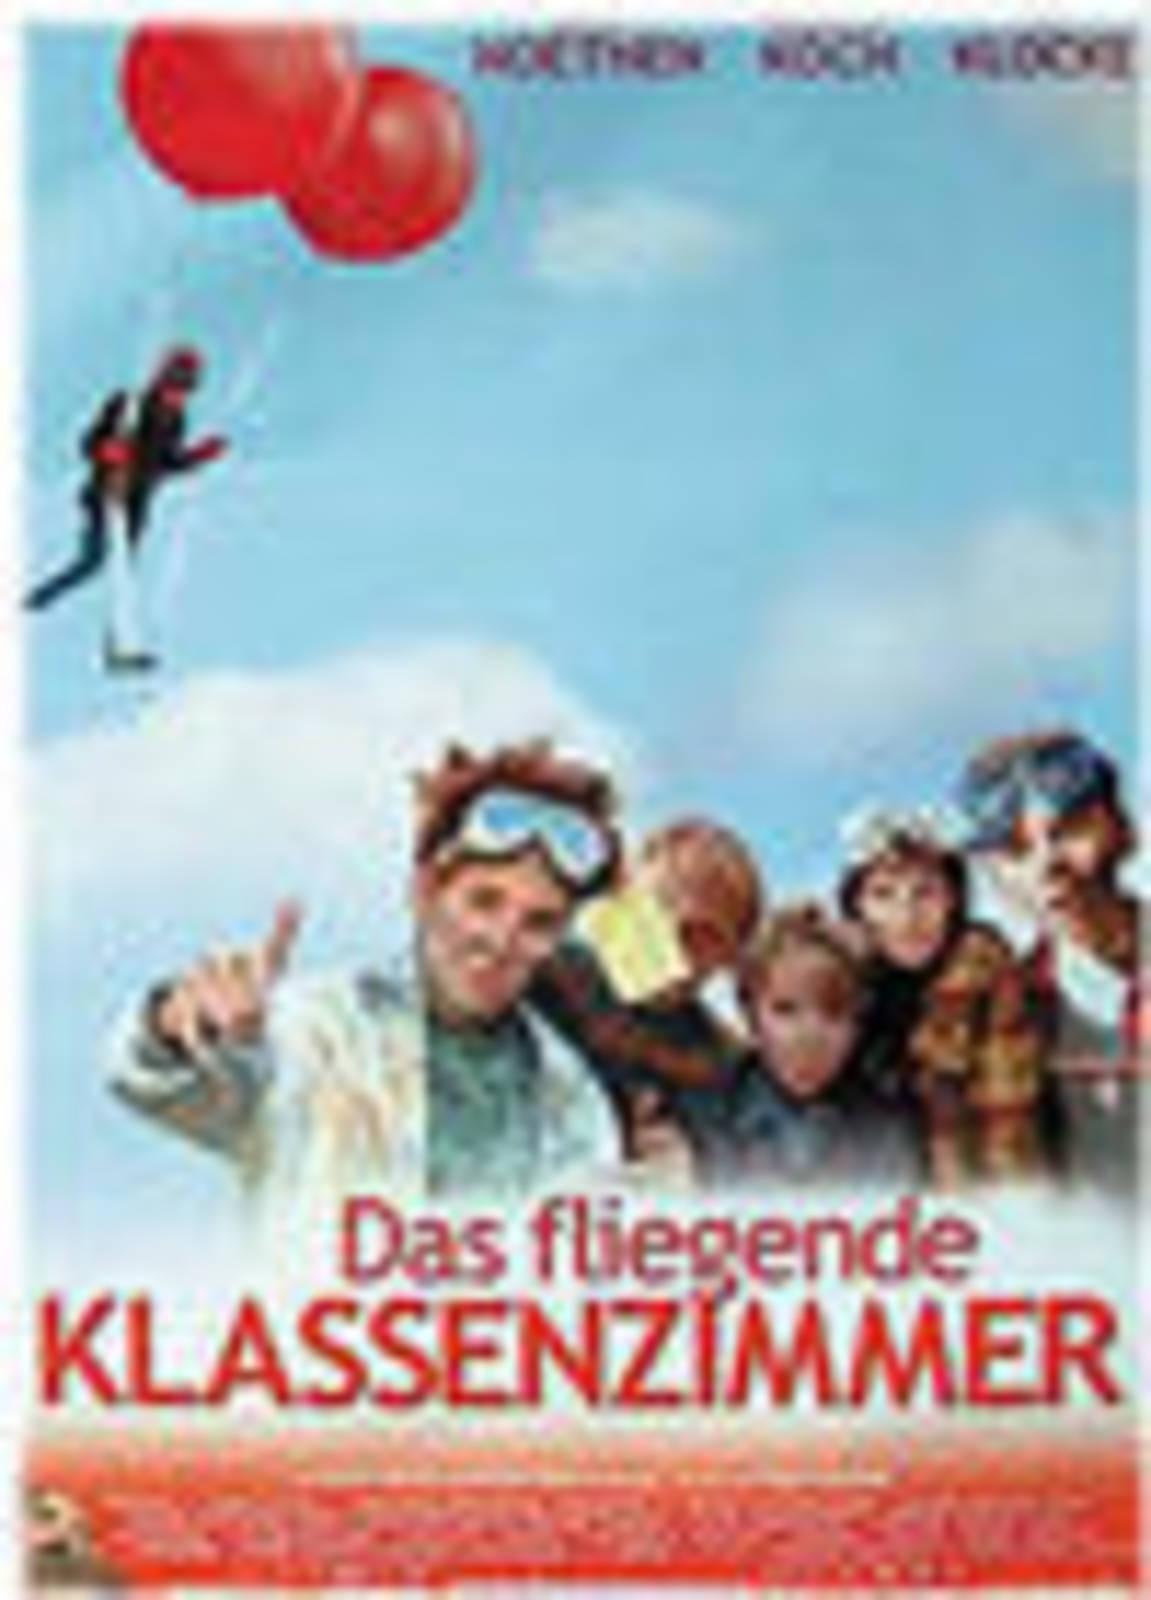 Das Fliegende Klassenzimmer 2003 Streamcloud